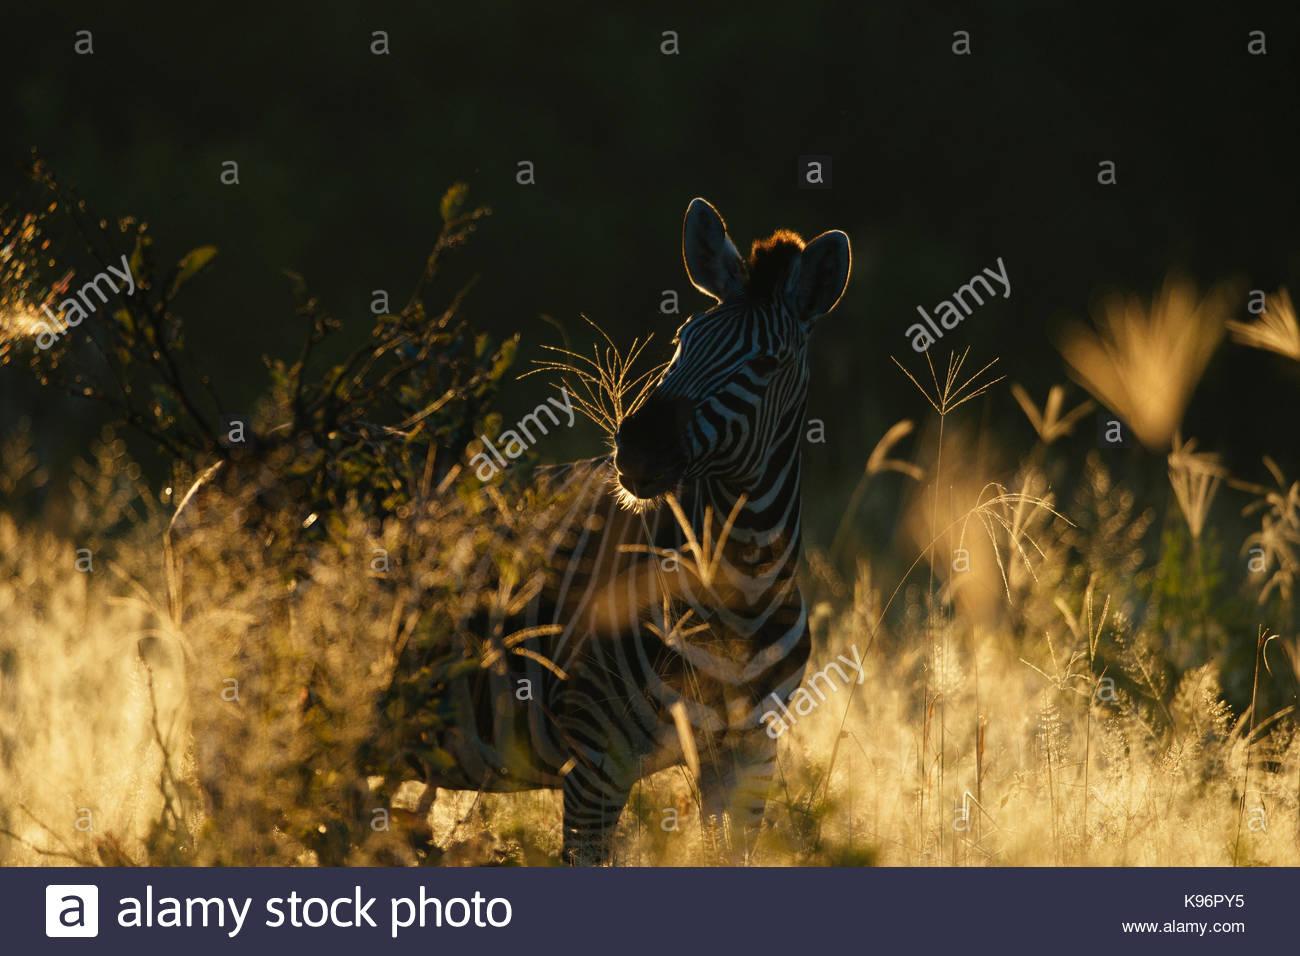 Portrait of a plains or Burchell's zebra, Equus burchellii. - Stock Image